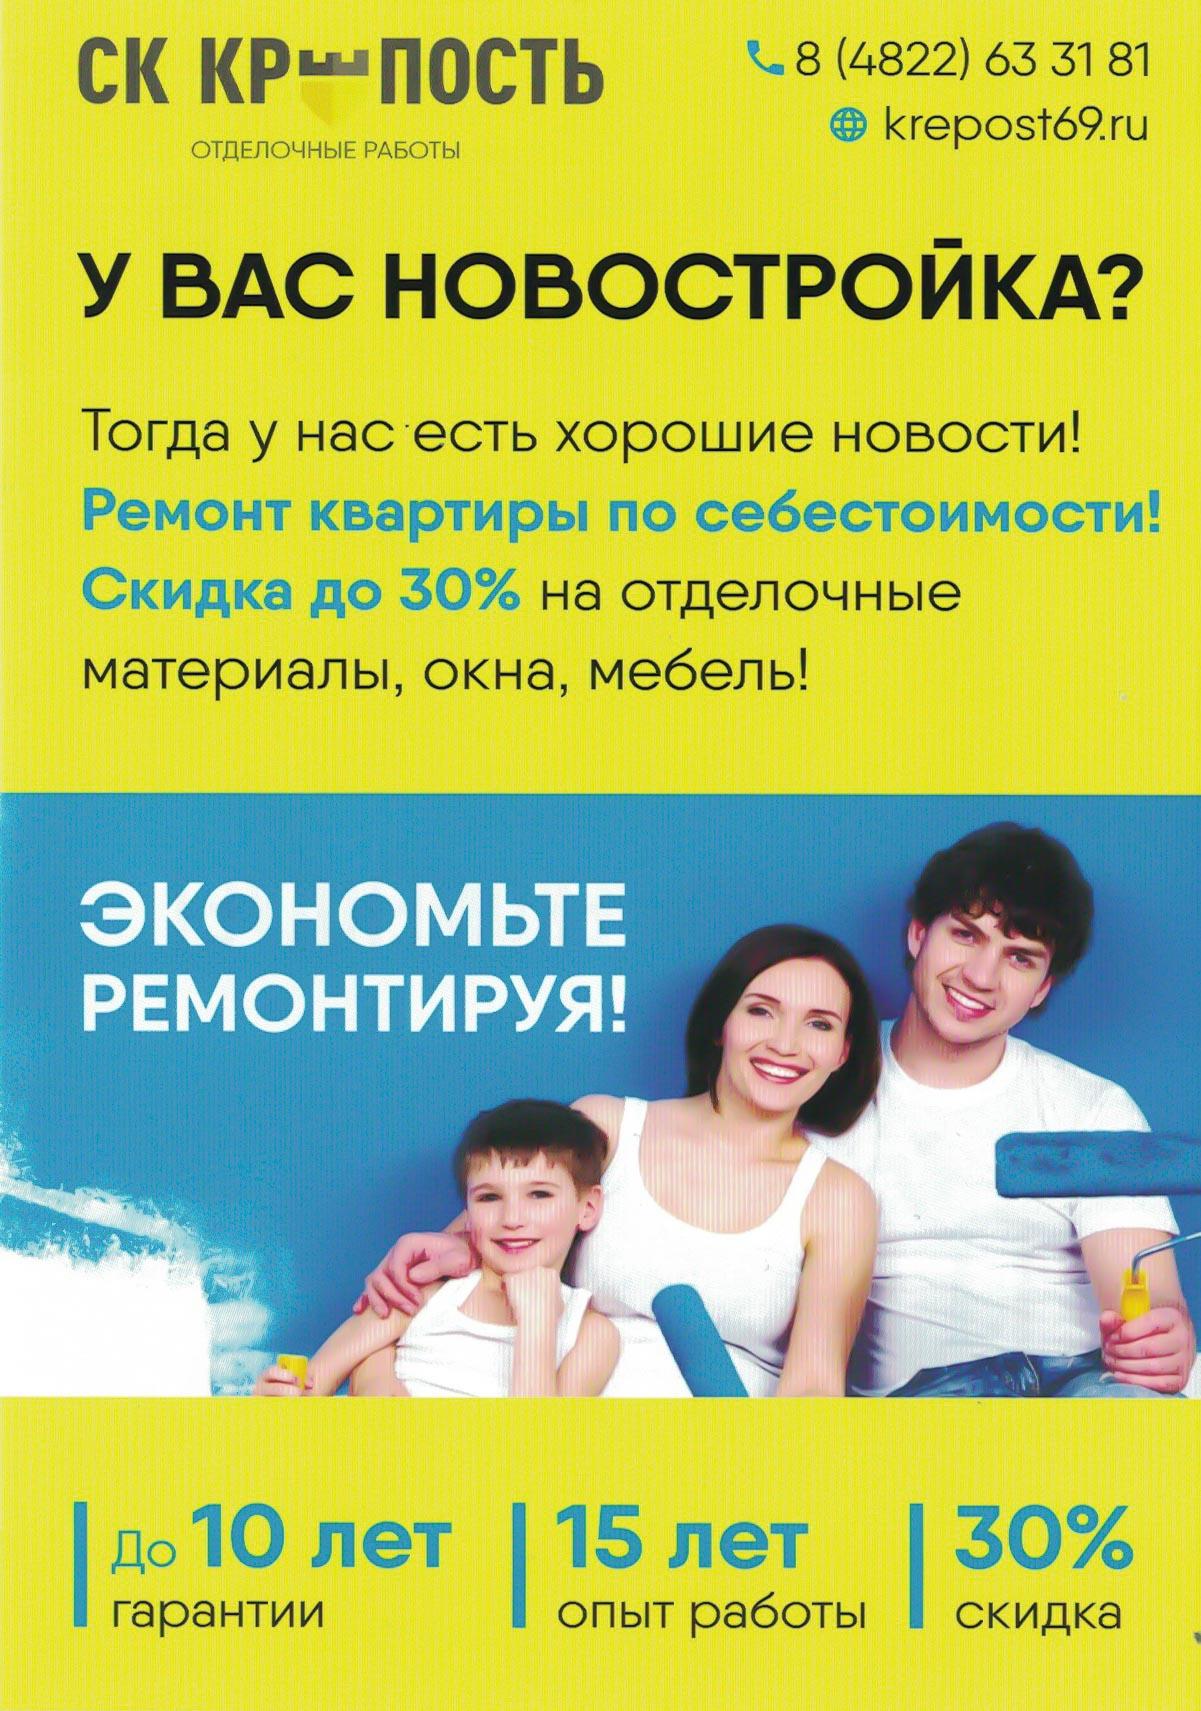 Сколько стоит ремонт квартиры 40 кв м в Казани: стоимость